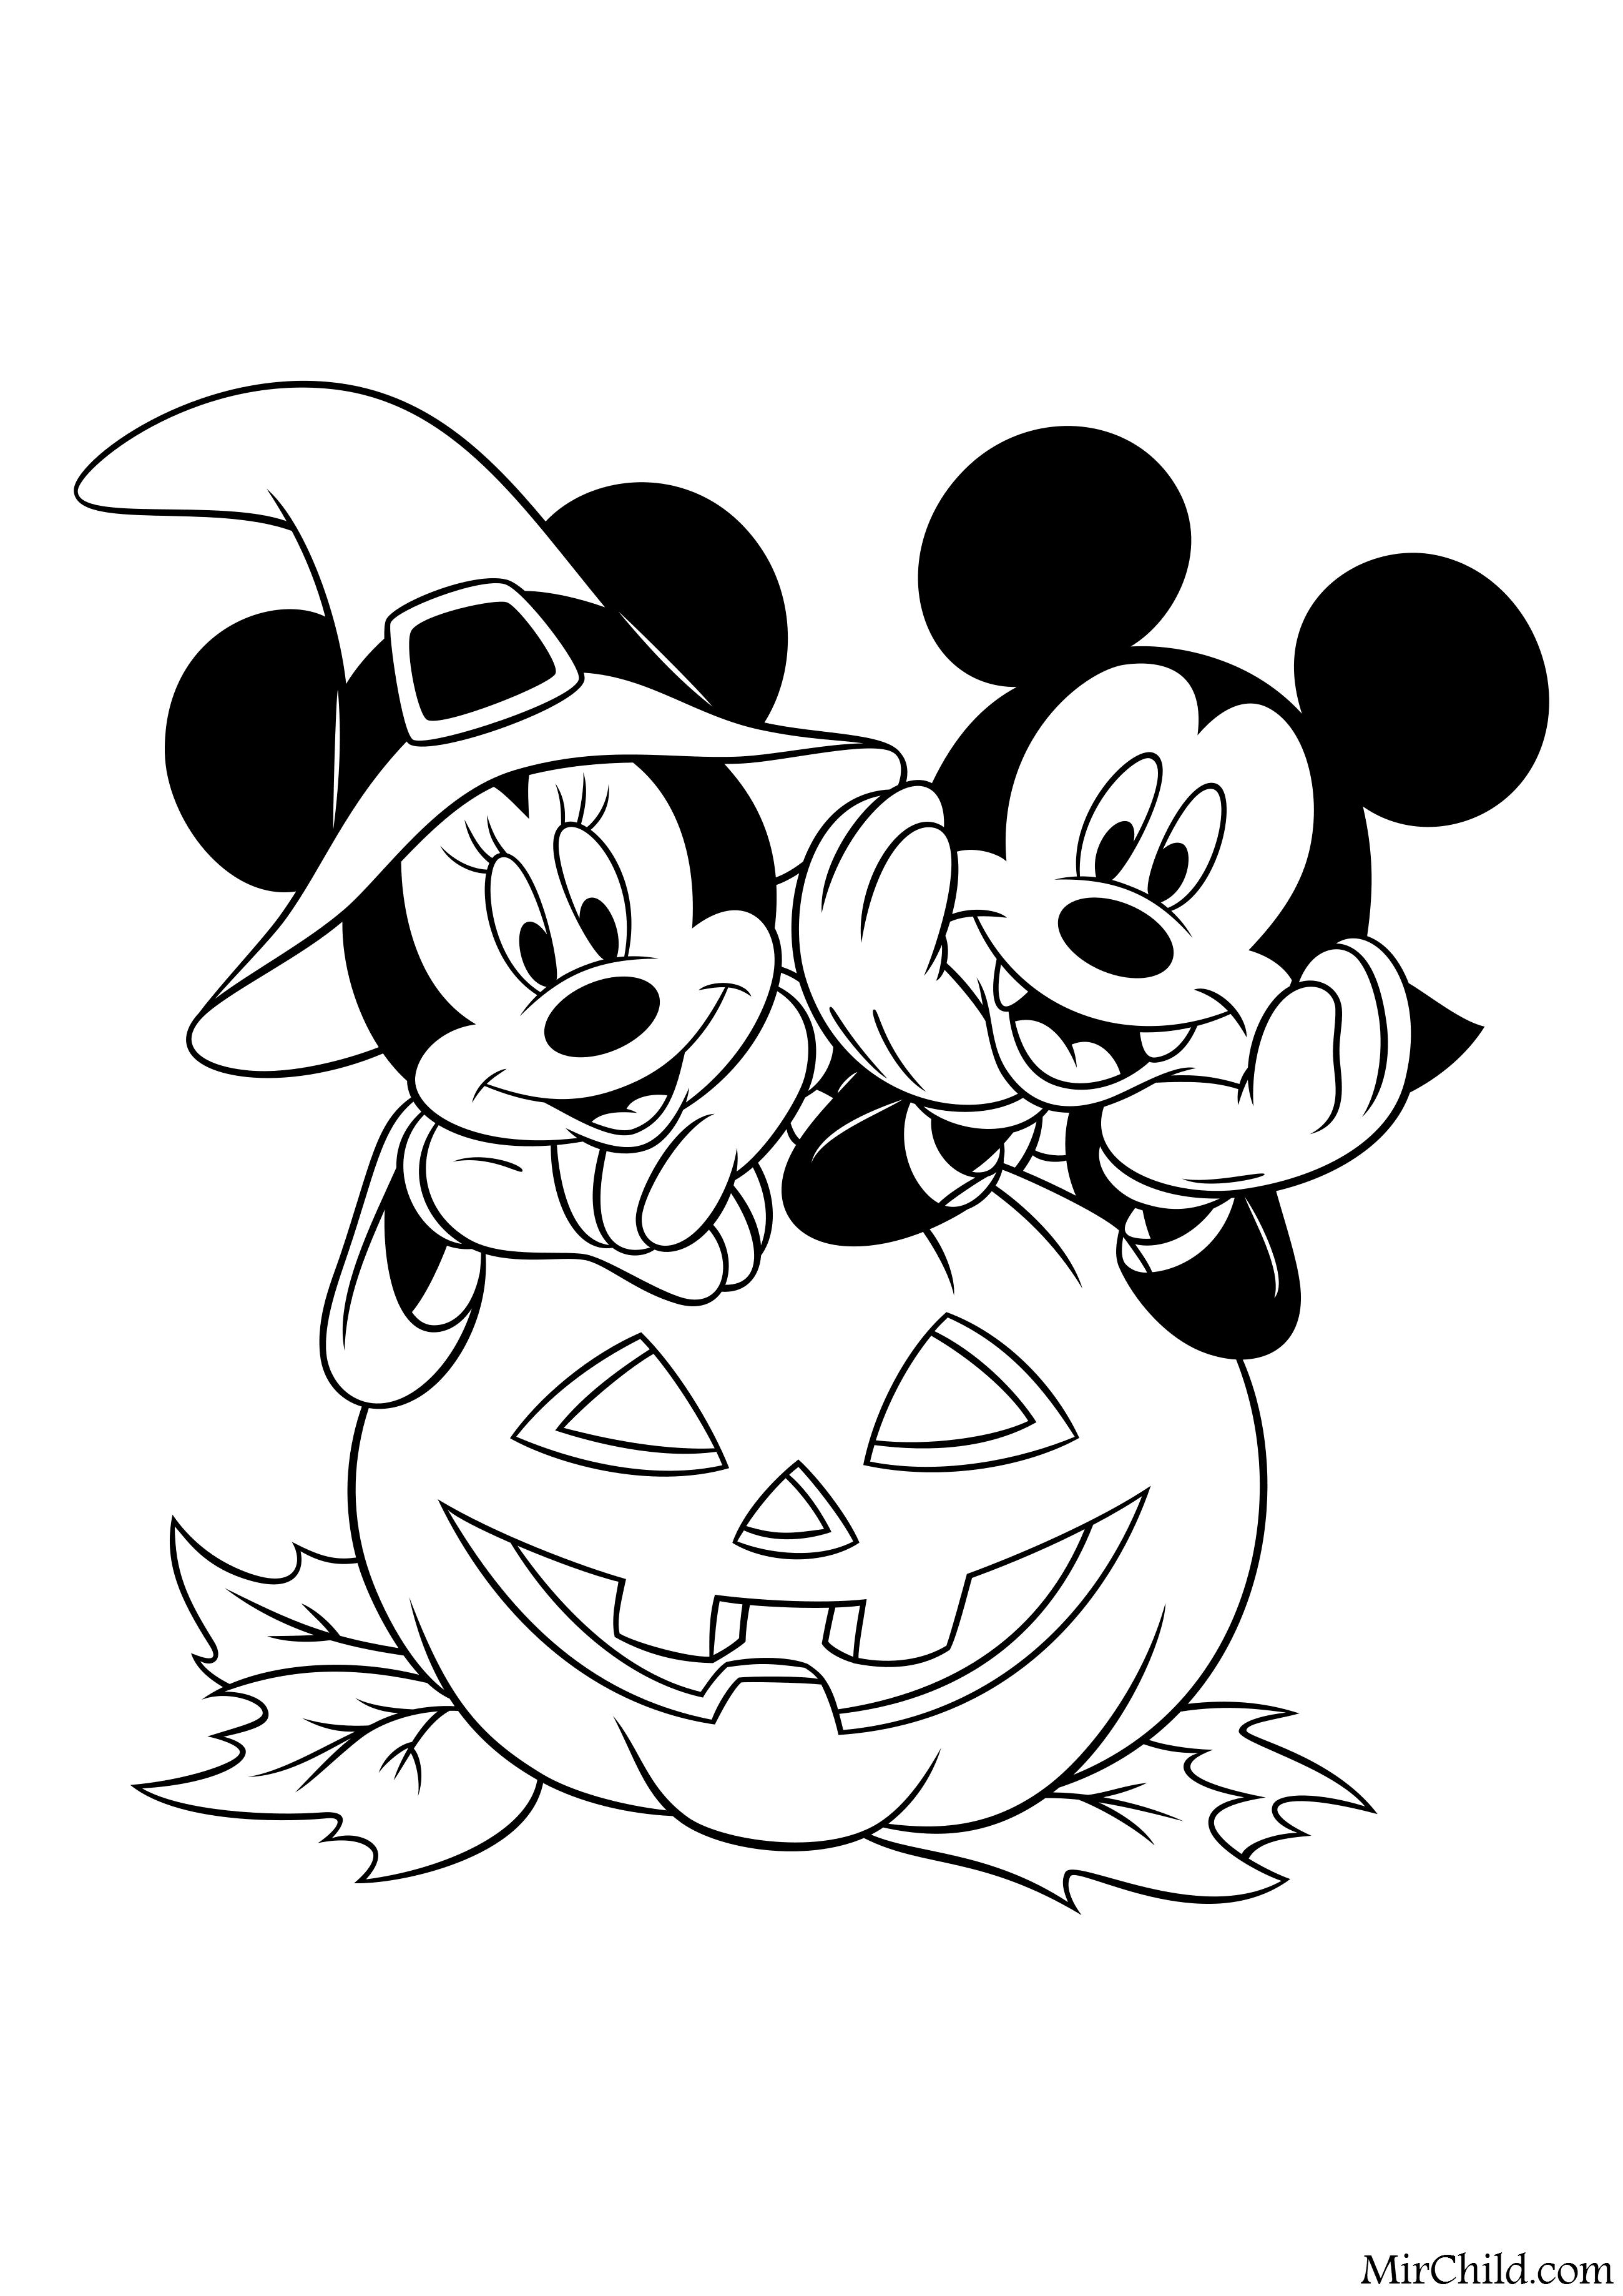 Раскраска - Микки Маус и друзья - Микки и Минни празднуют ...